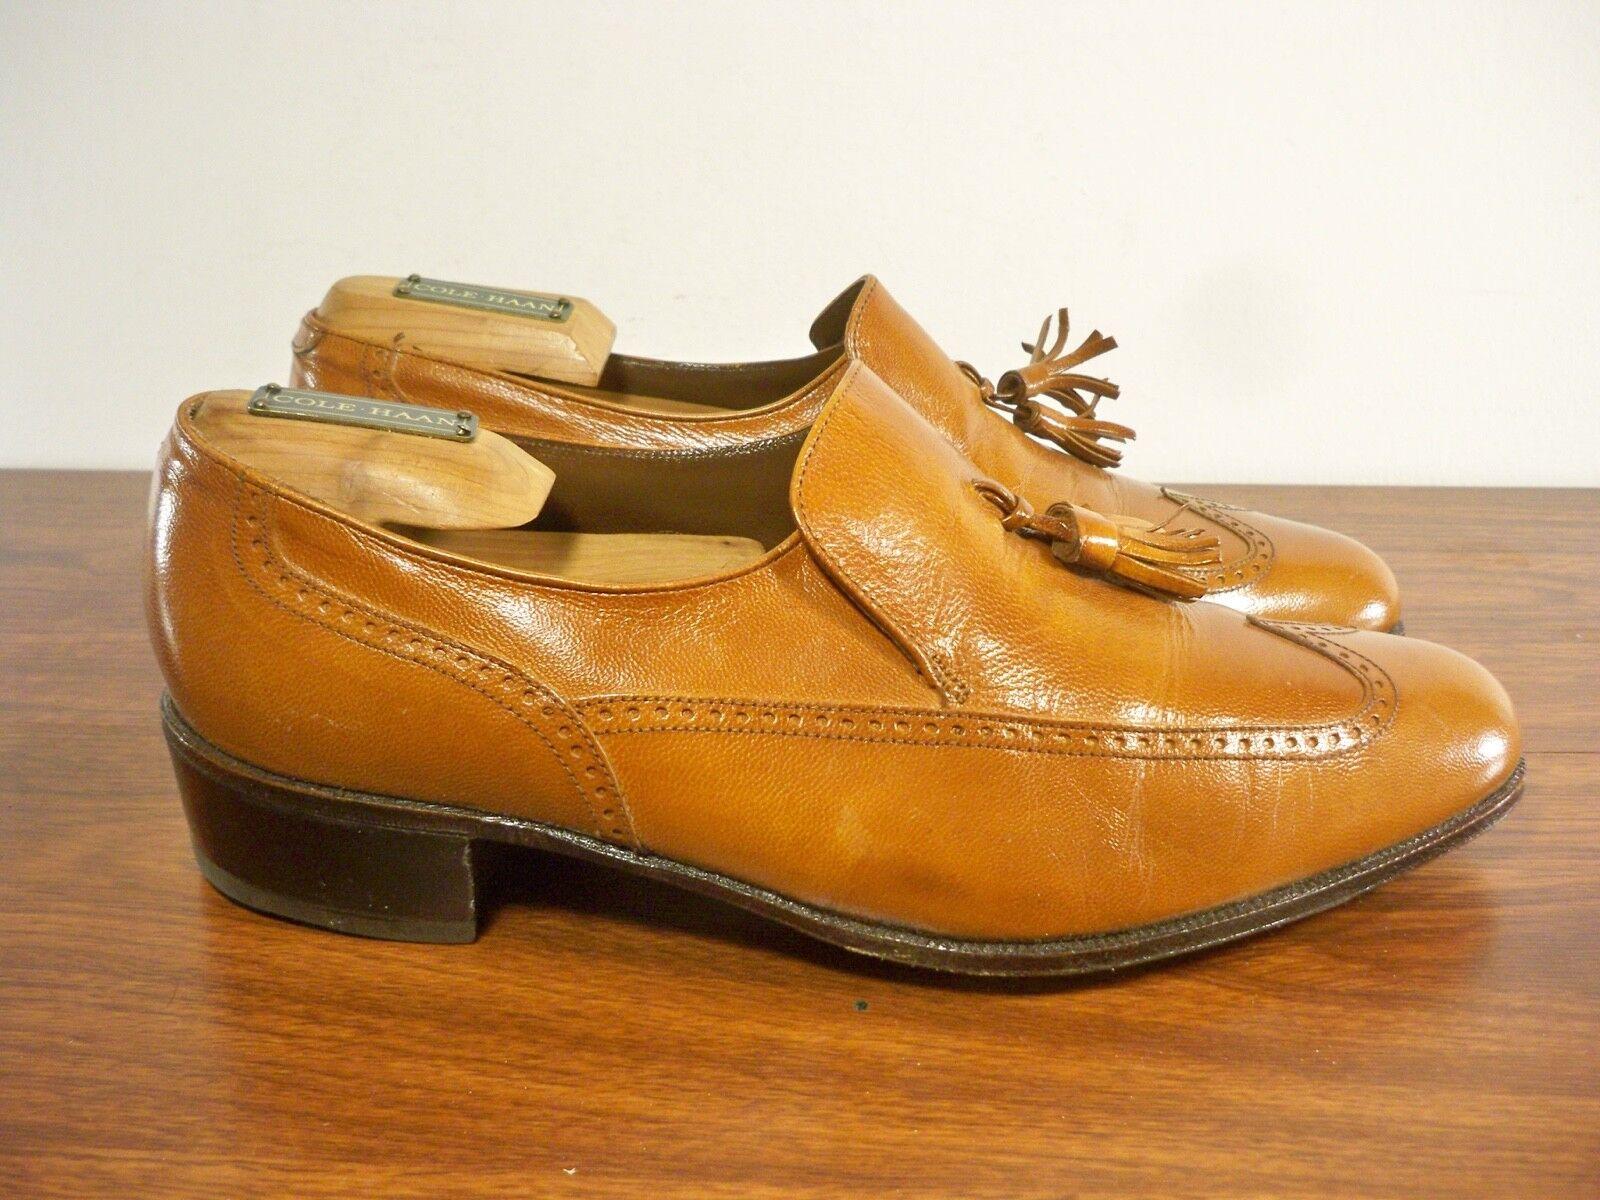 Vintage Florsheim TASSEL WINGTIPS Slip On Leather Loafers shoes Men's Size 7.5 D